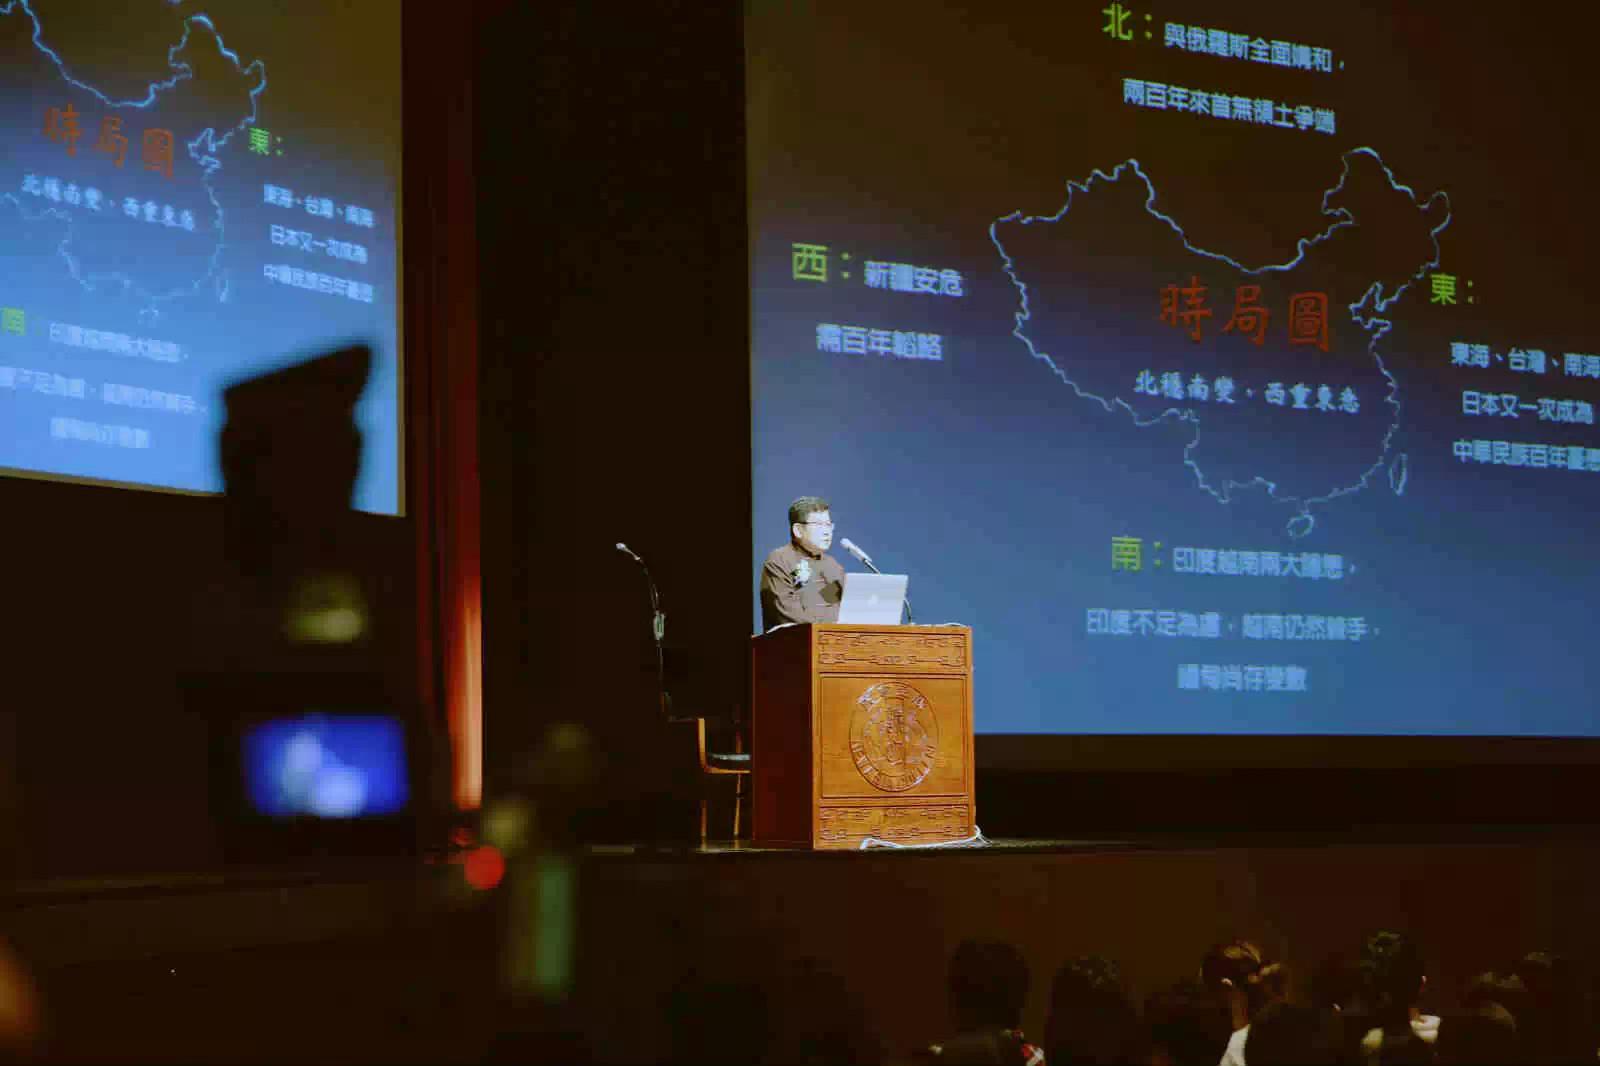 东方日报|贪官屡上亿元榜 百姓哪有中国梦